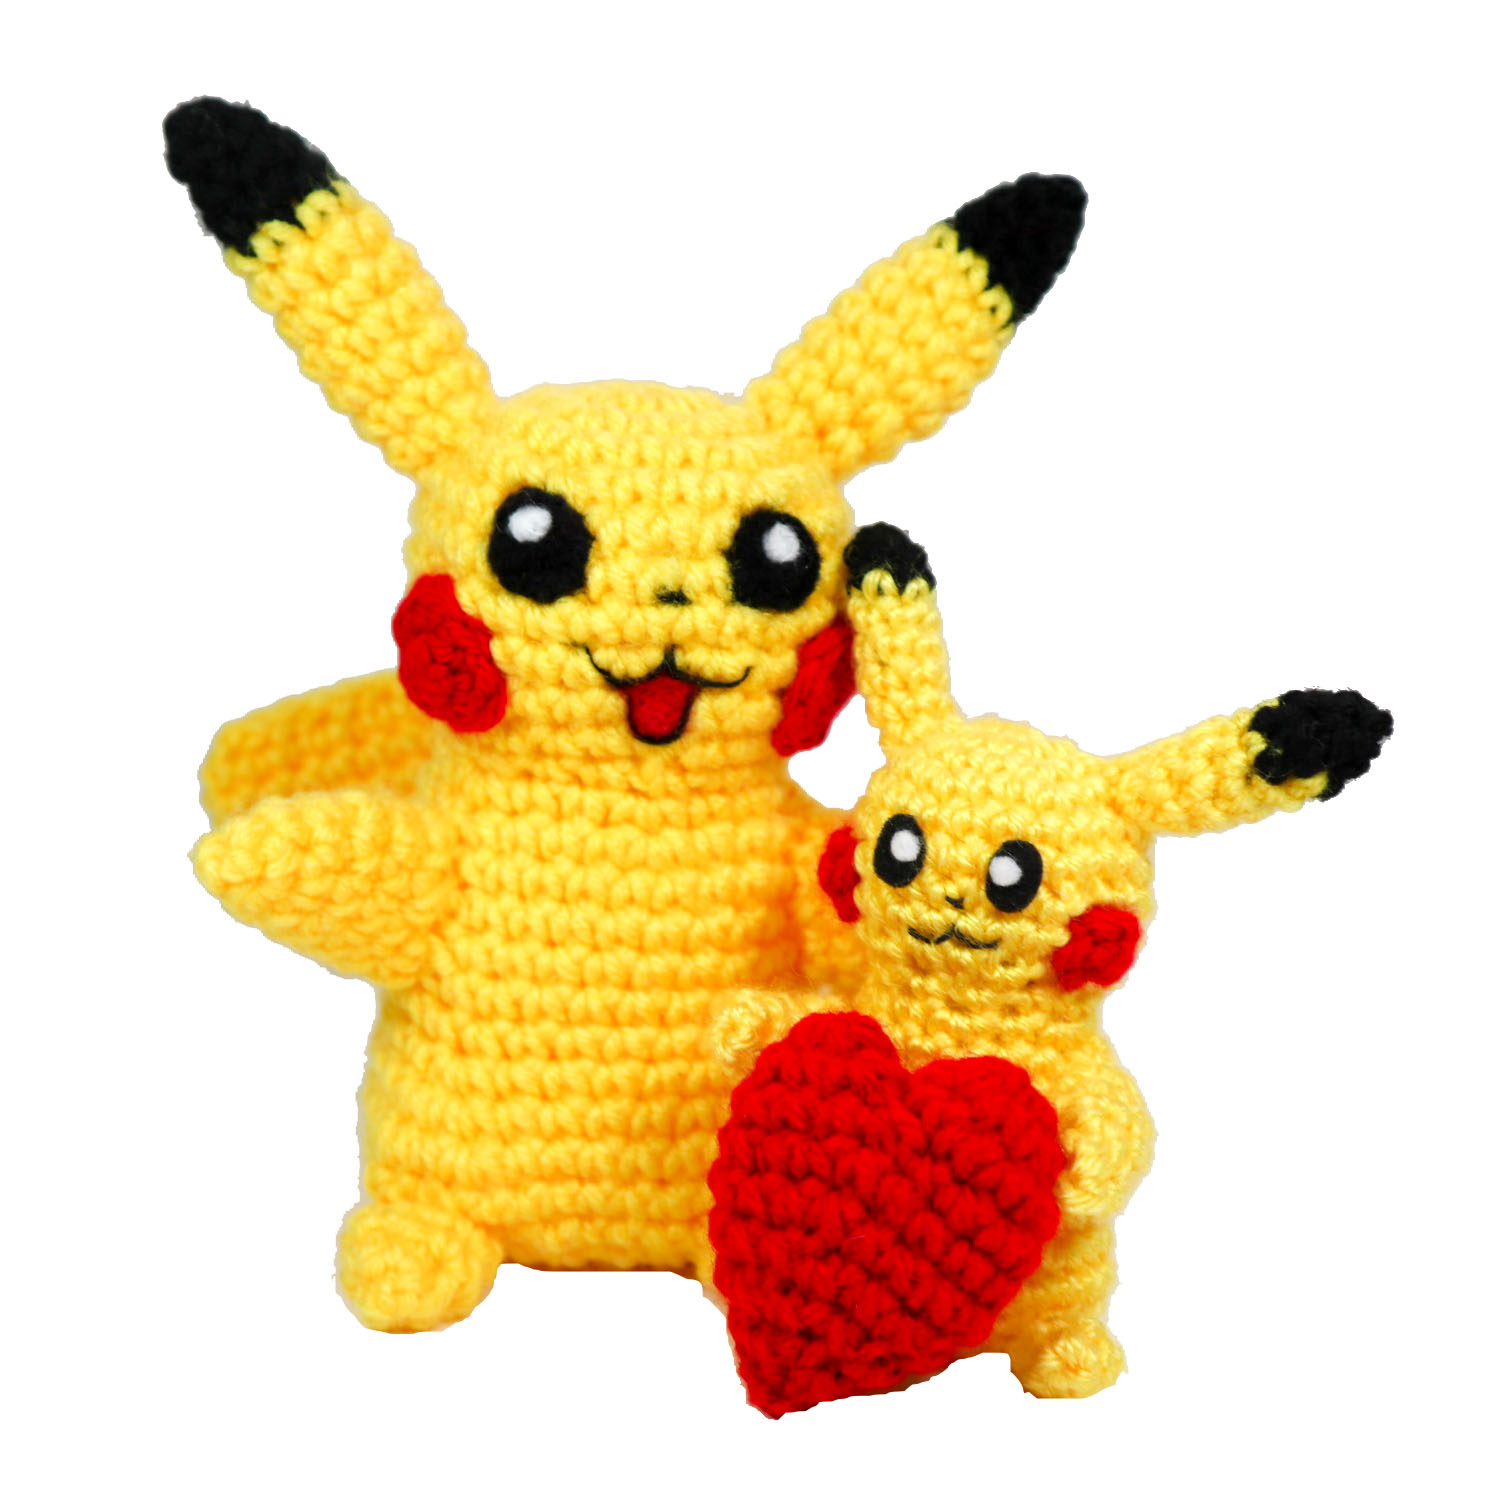 bébé pikachu tout mignon | Crochet pikachu, Confection au crochet ... | 1508x1508